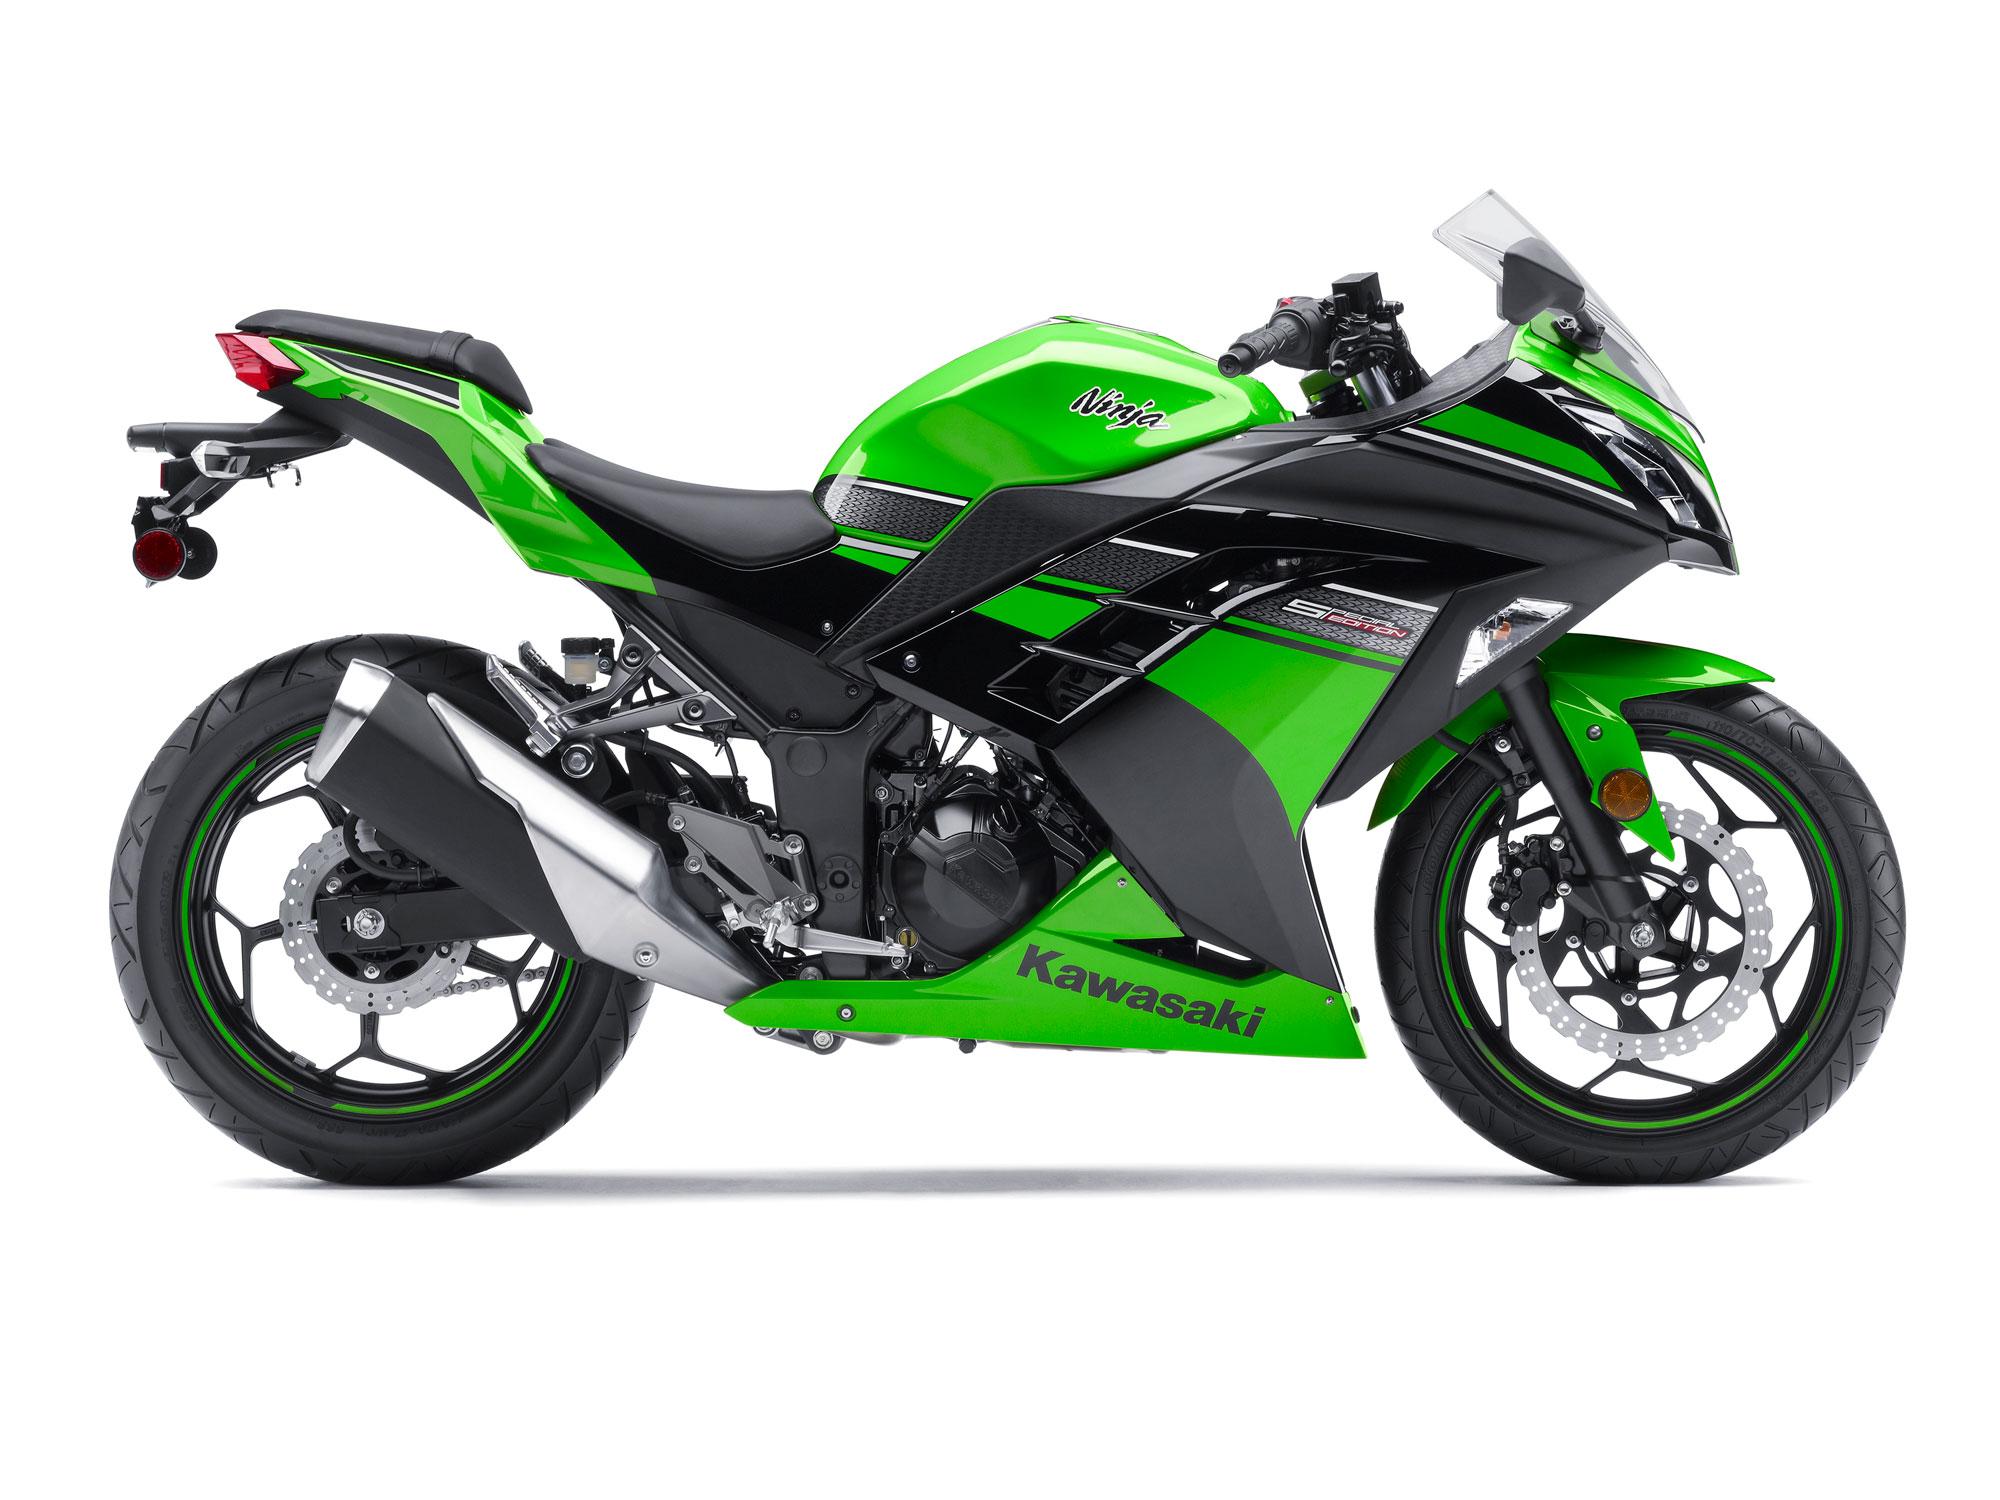 Kawasaki Zxr For Sale In Malaysia